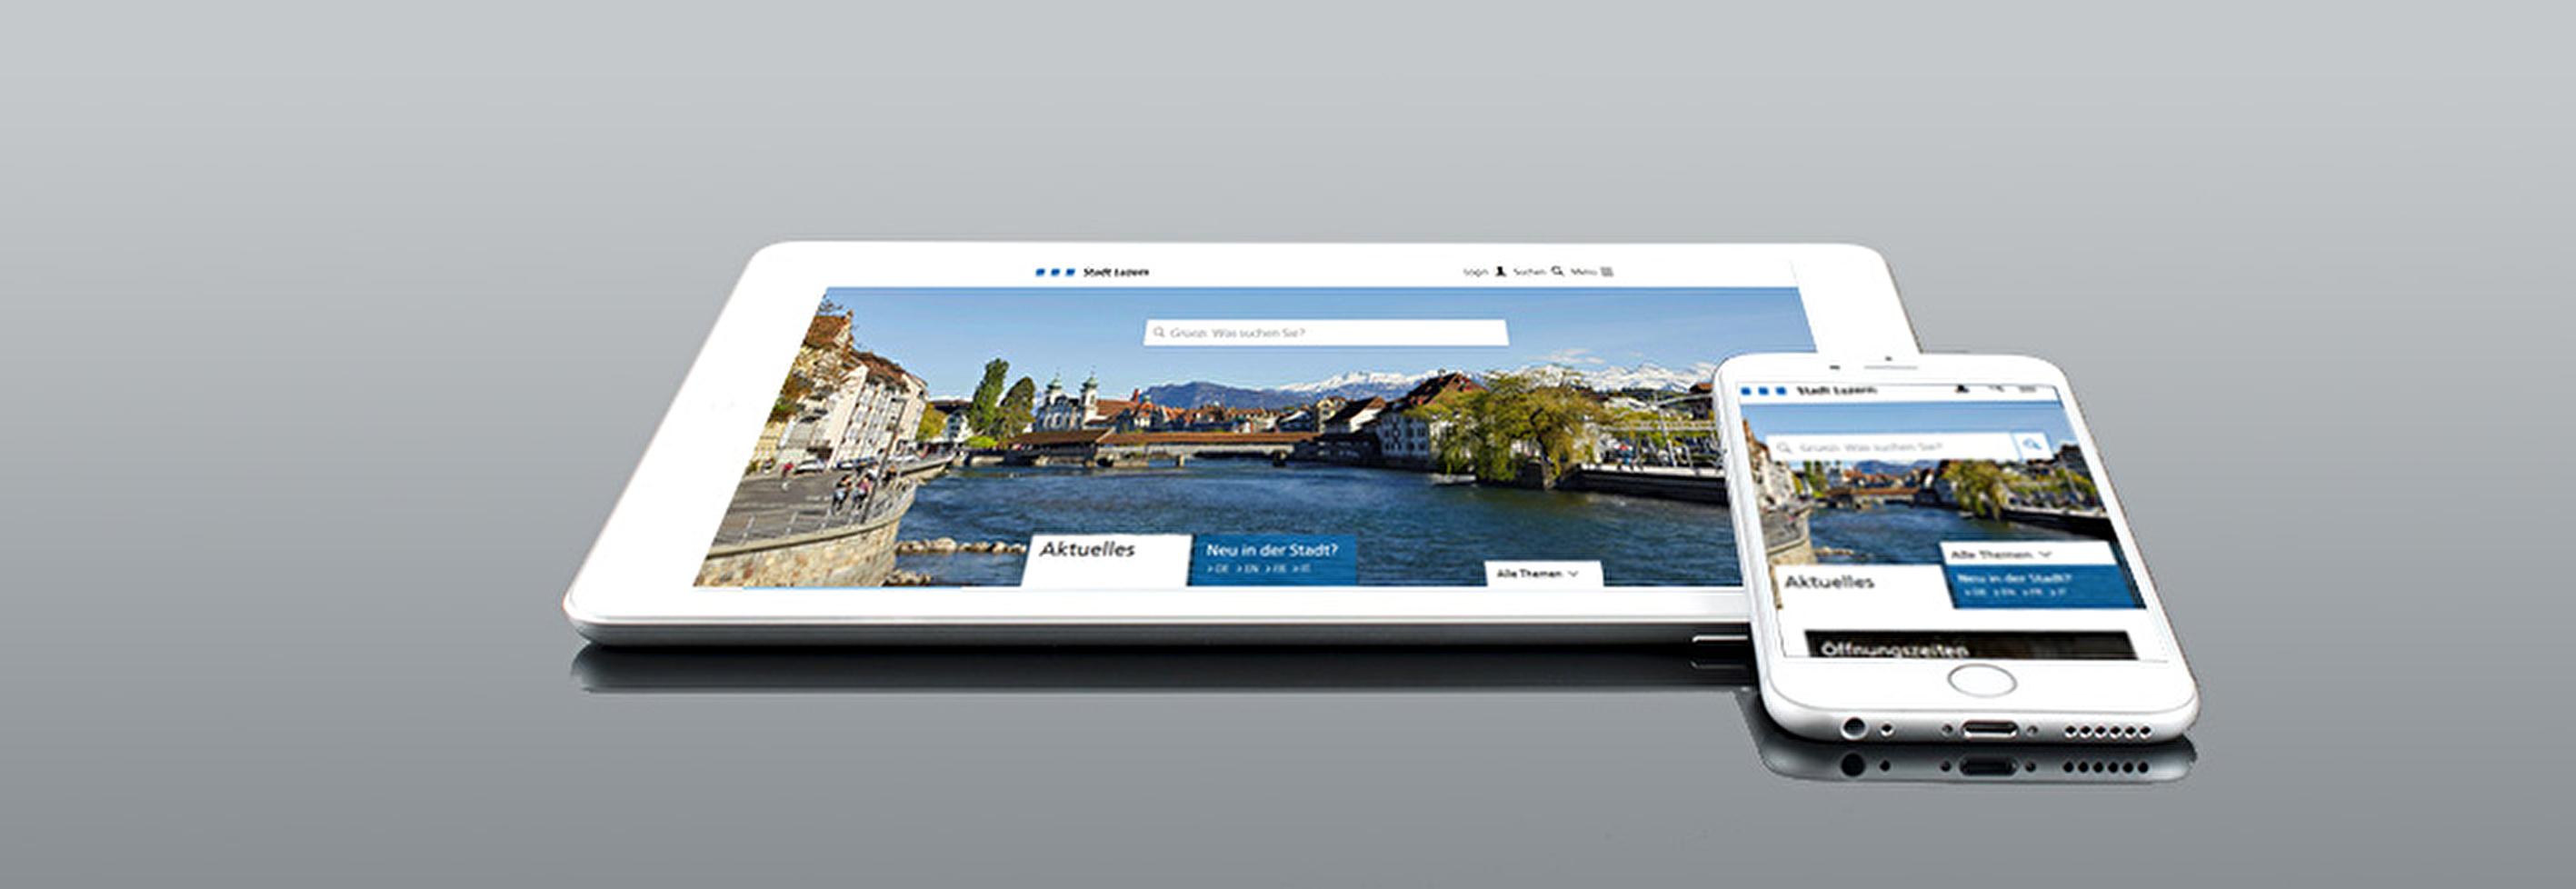 Neuer Internet-Auftritt: Luzern ist mobil